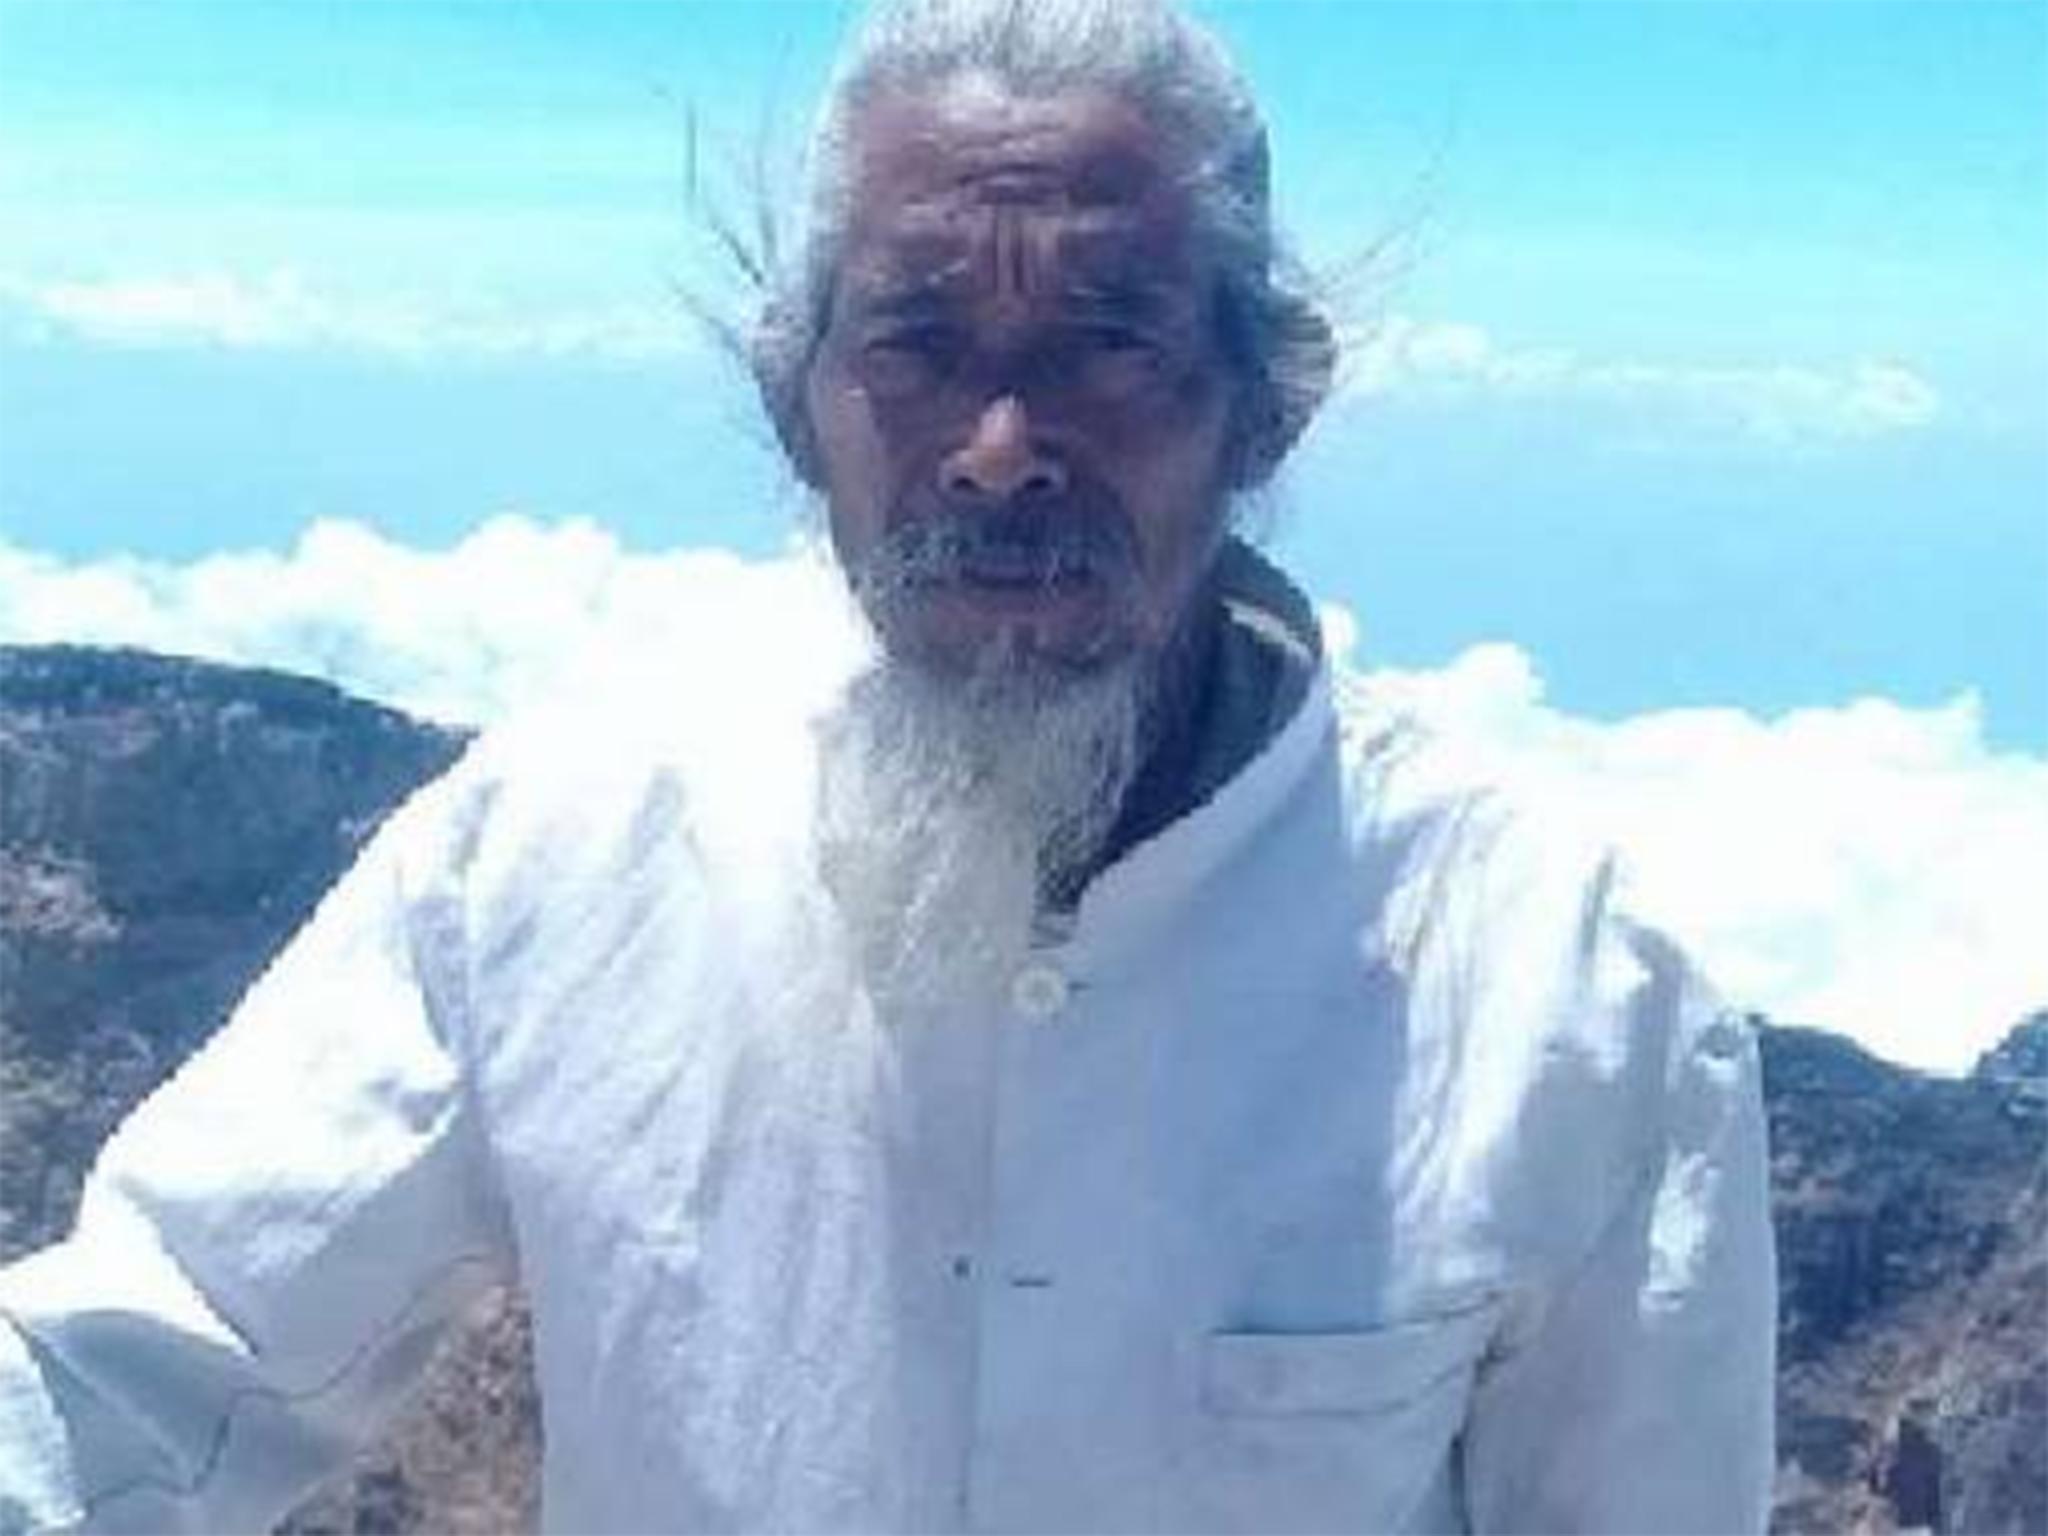 """Thầy tu tiên tri """"lạnh gáy"""" về ngọn núi lửa có thể hủy diệt thế giới - 2"""